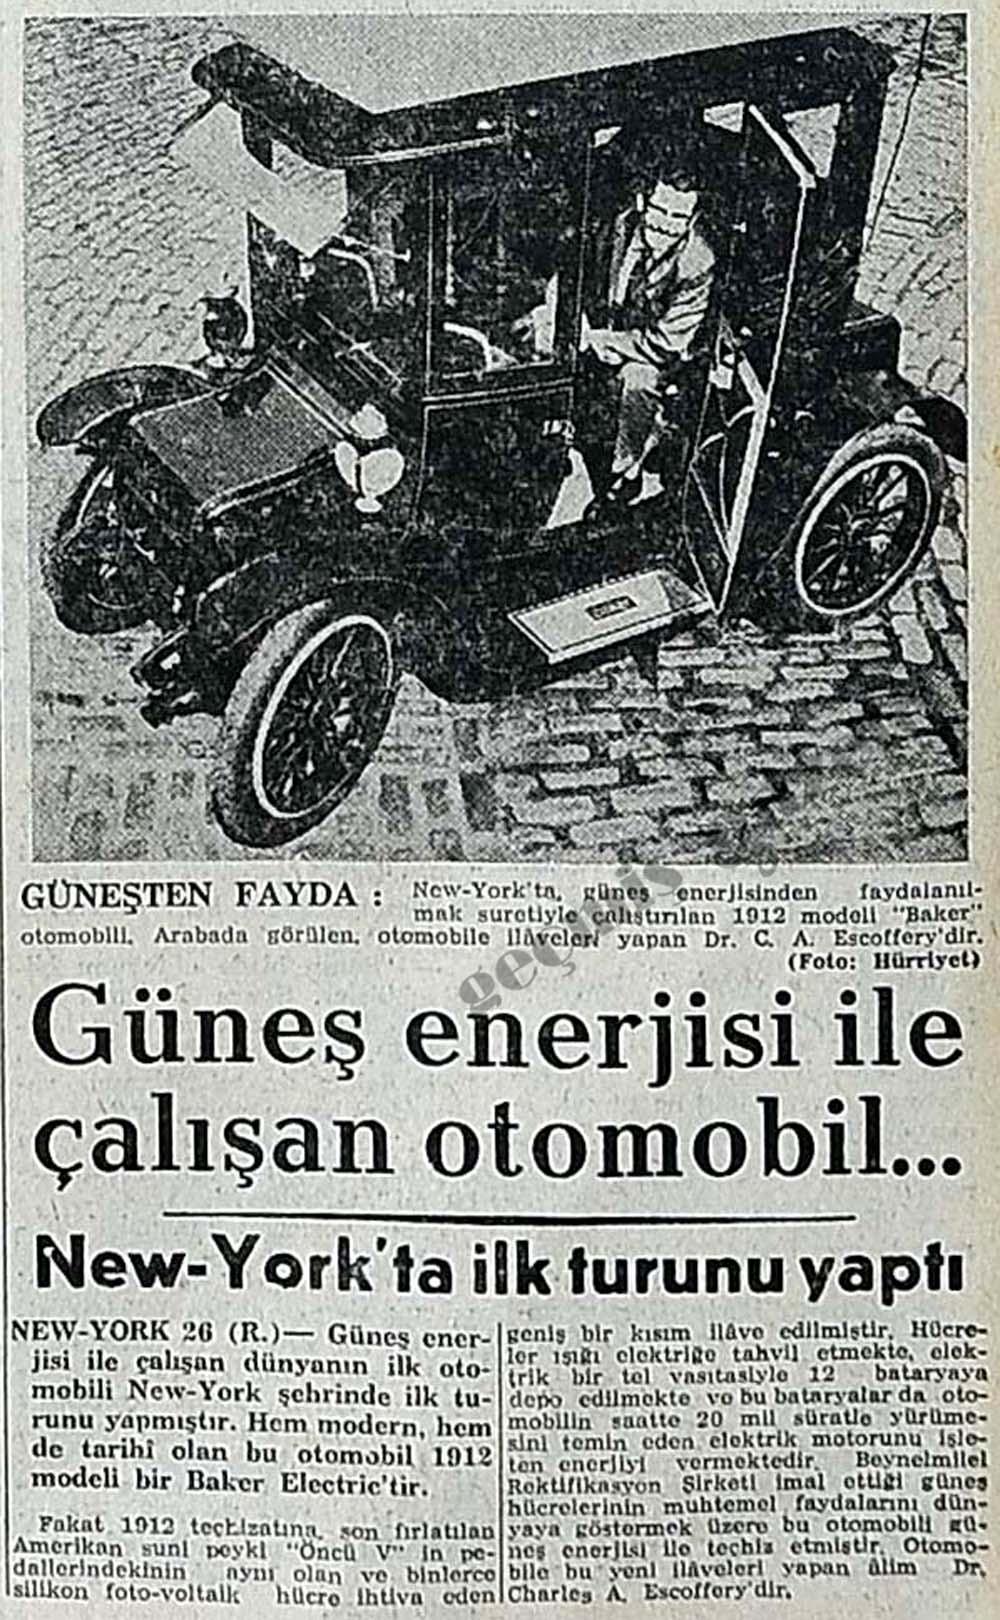 Güneş enerjisi ile çalışan otomobil...